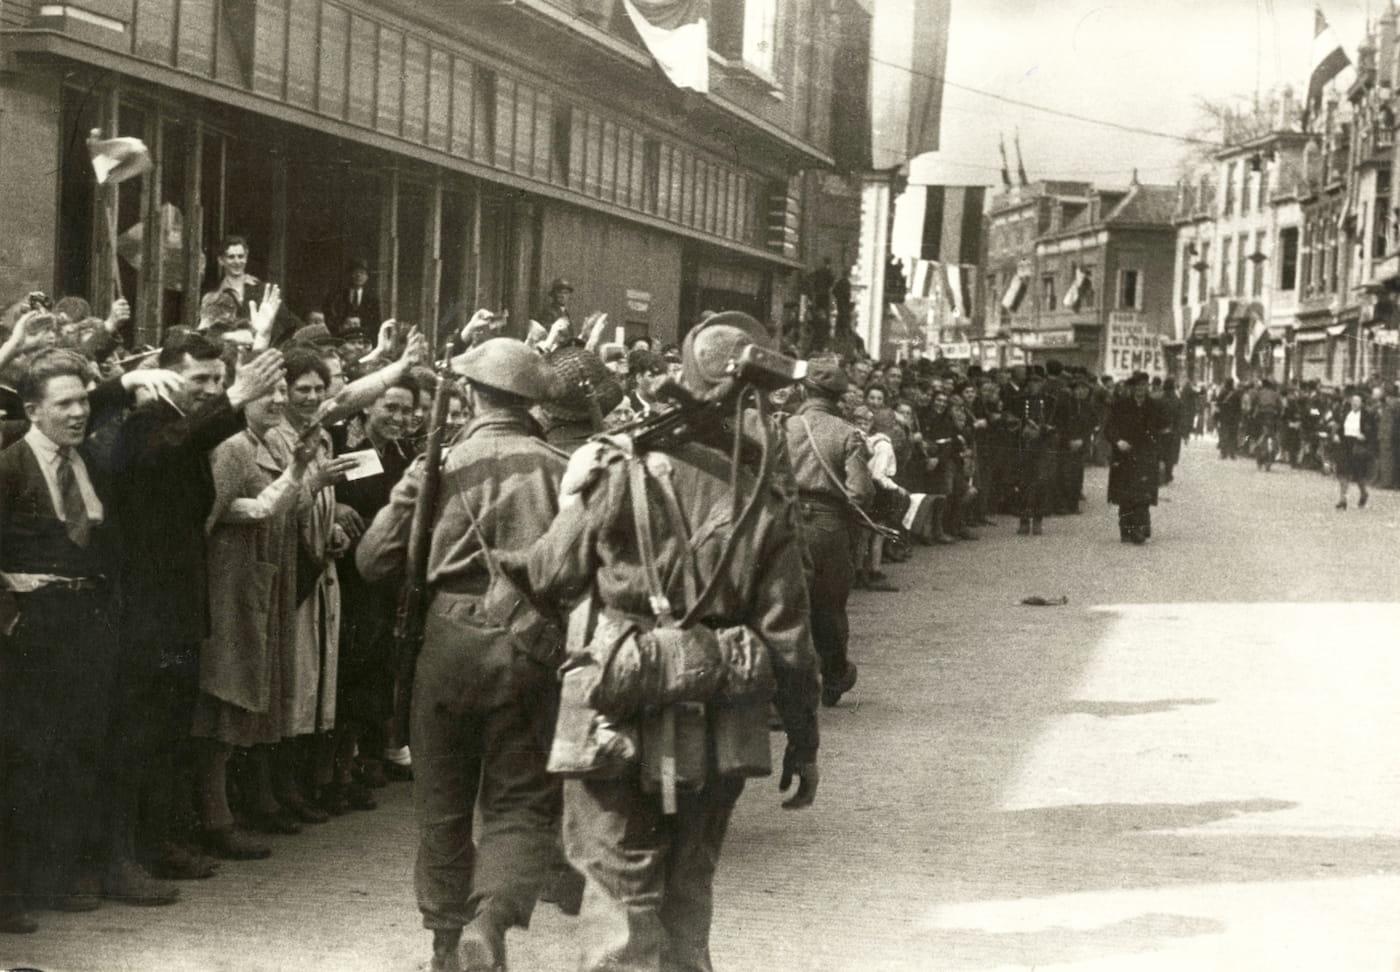 Intocht van de Canadezen op de Deventerstraat, 17 april 1945